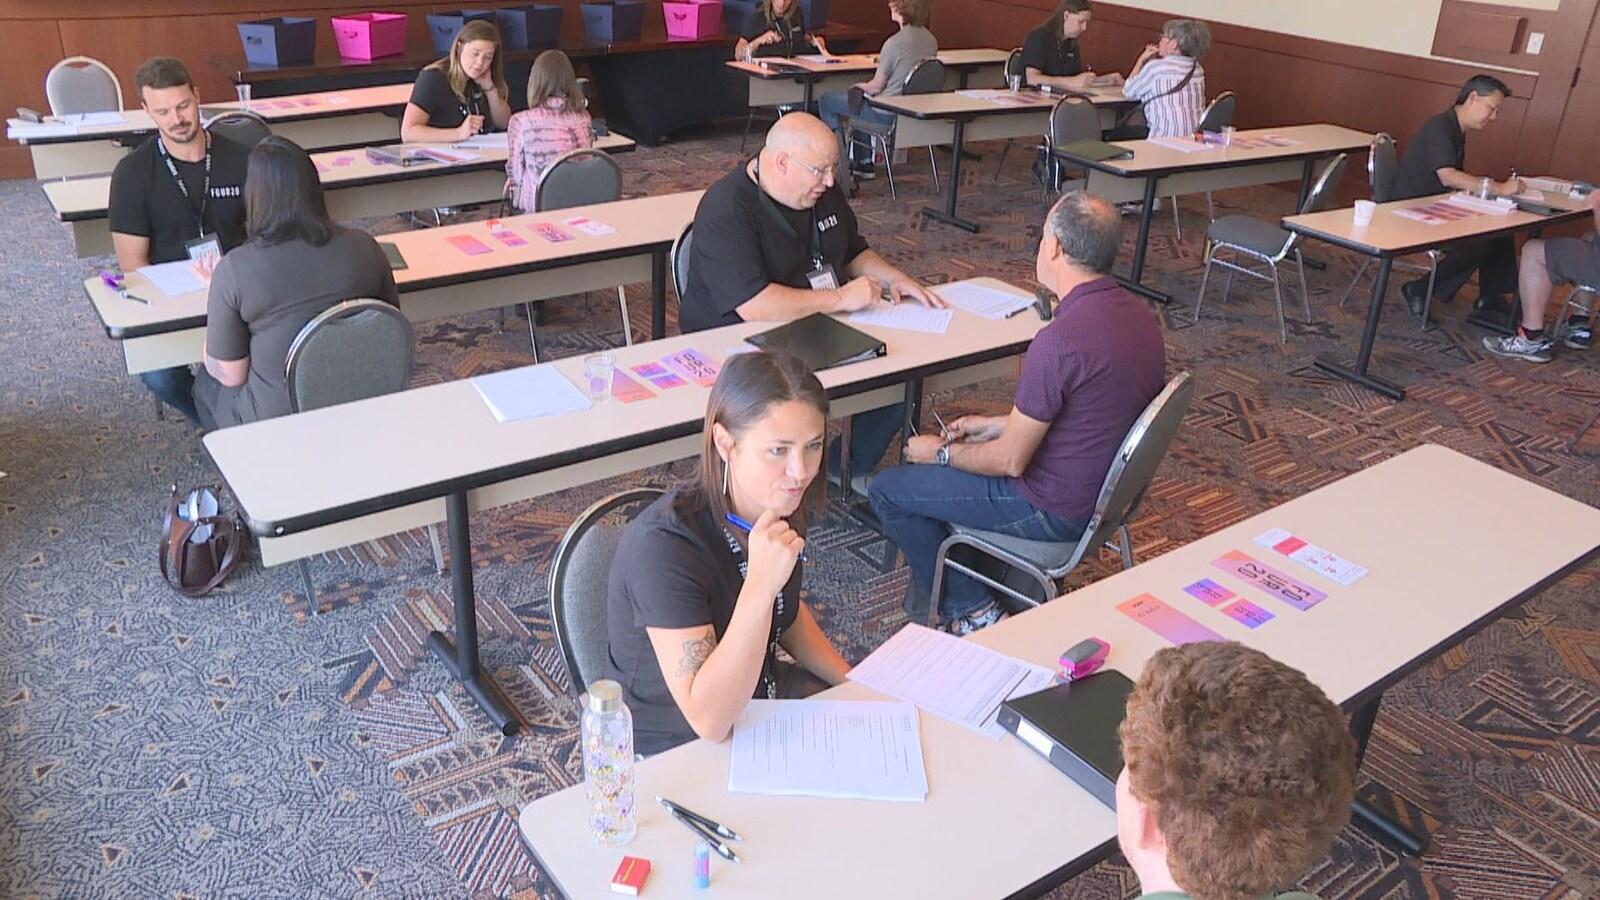 Vue sur quelques tables dans une grande salle. À chacune des tables, il y a deux personnes qui discutent ensemble. Il y a des papiers sur les tables.